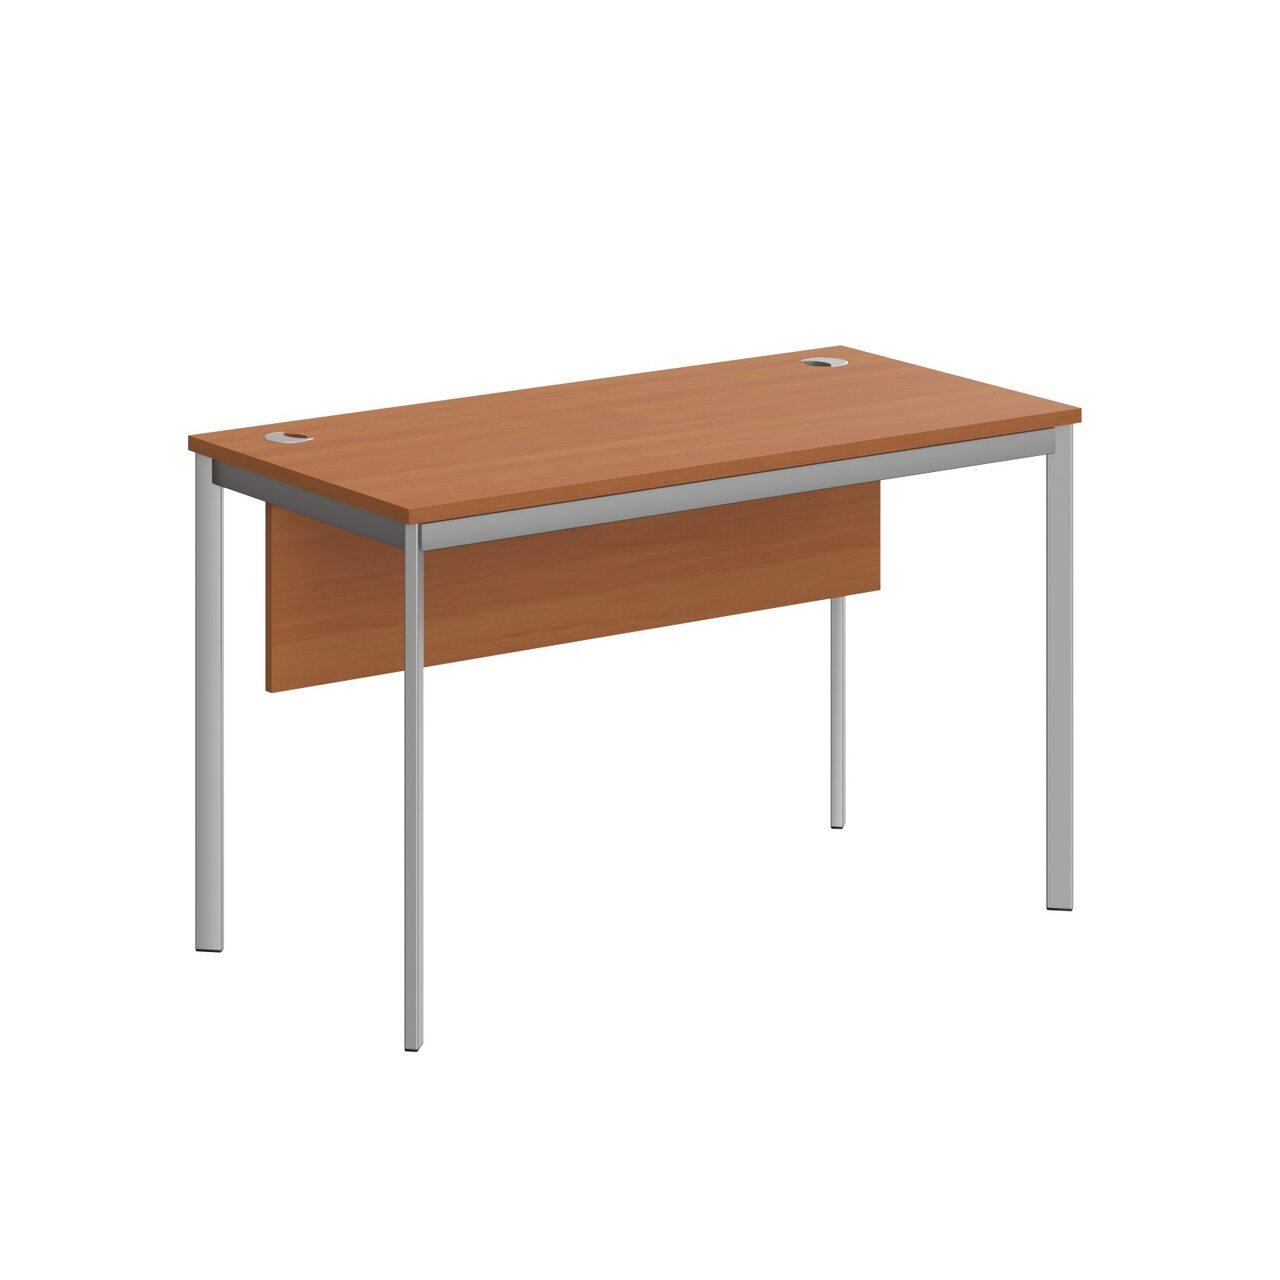 Стол прямой с фрональной панелью  IMAGO-S 120x60x76 - фото 6